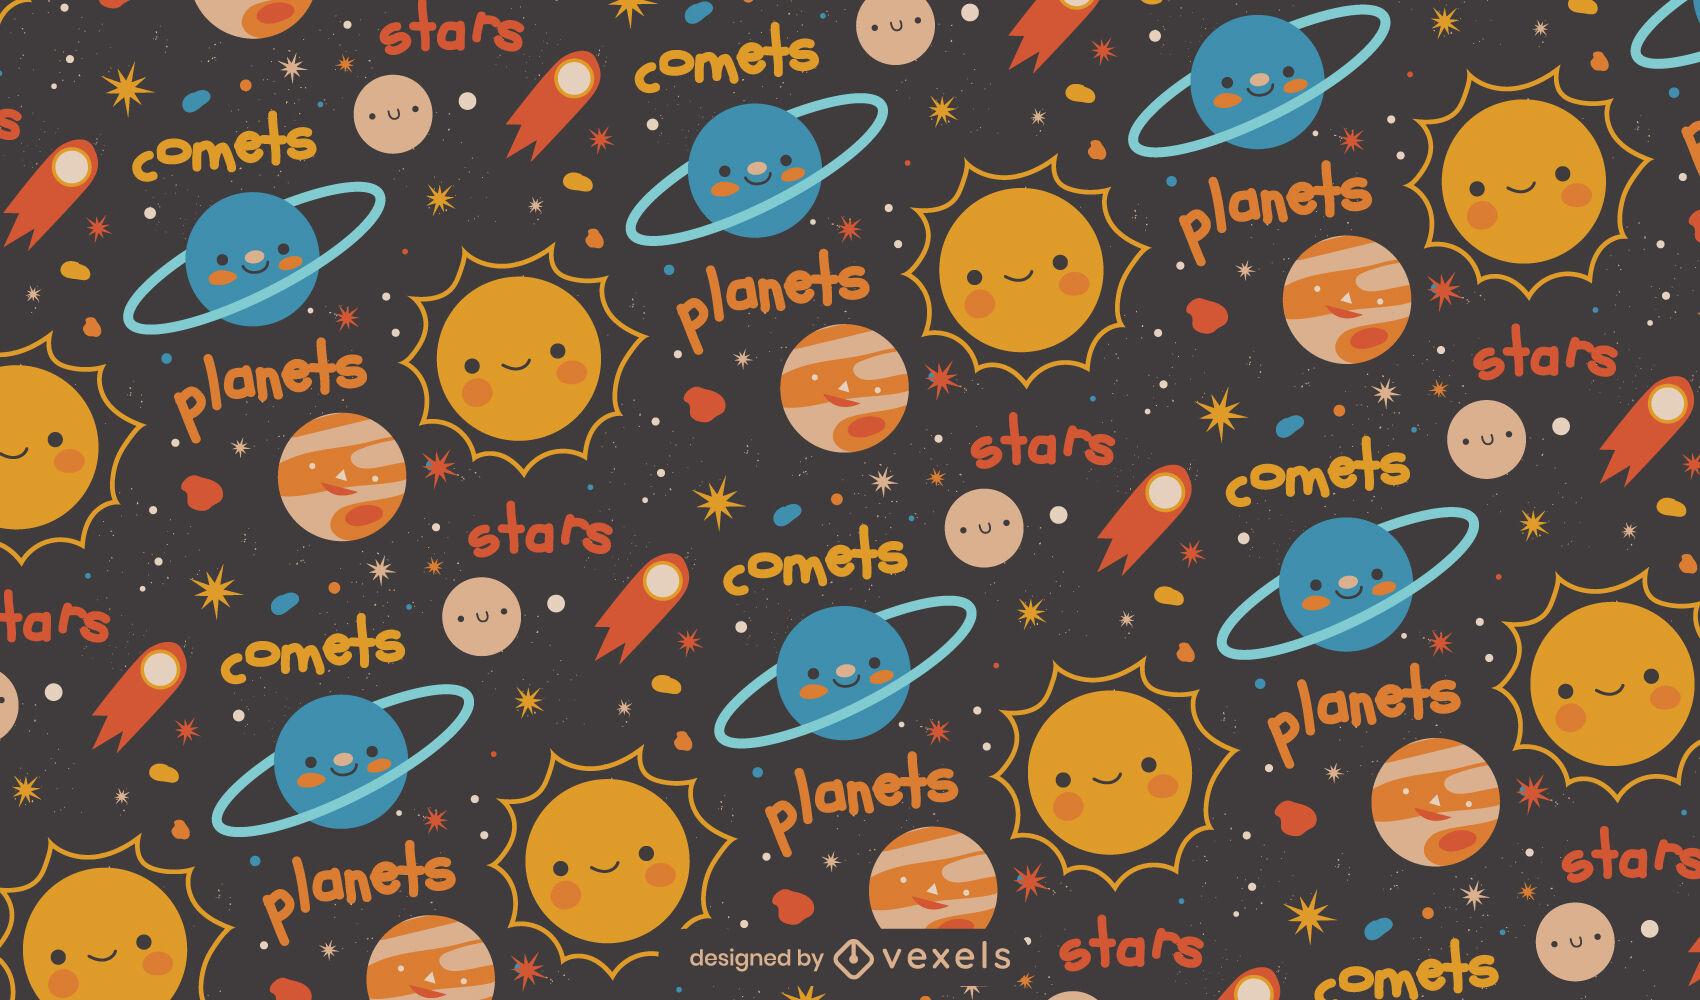 Lindo dise?o de patr?n espacial de planetas y estrellas